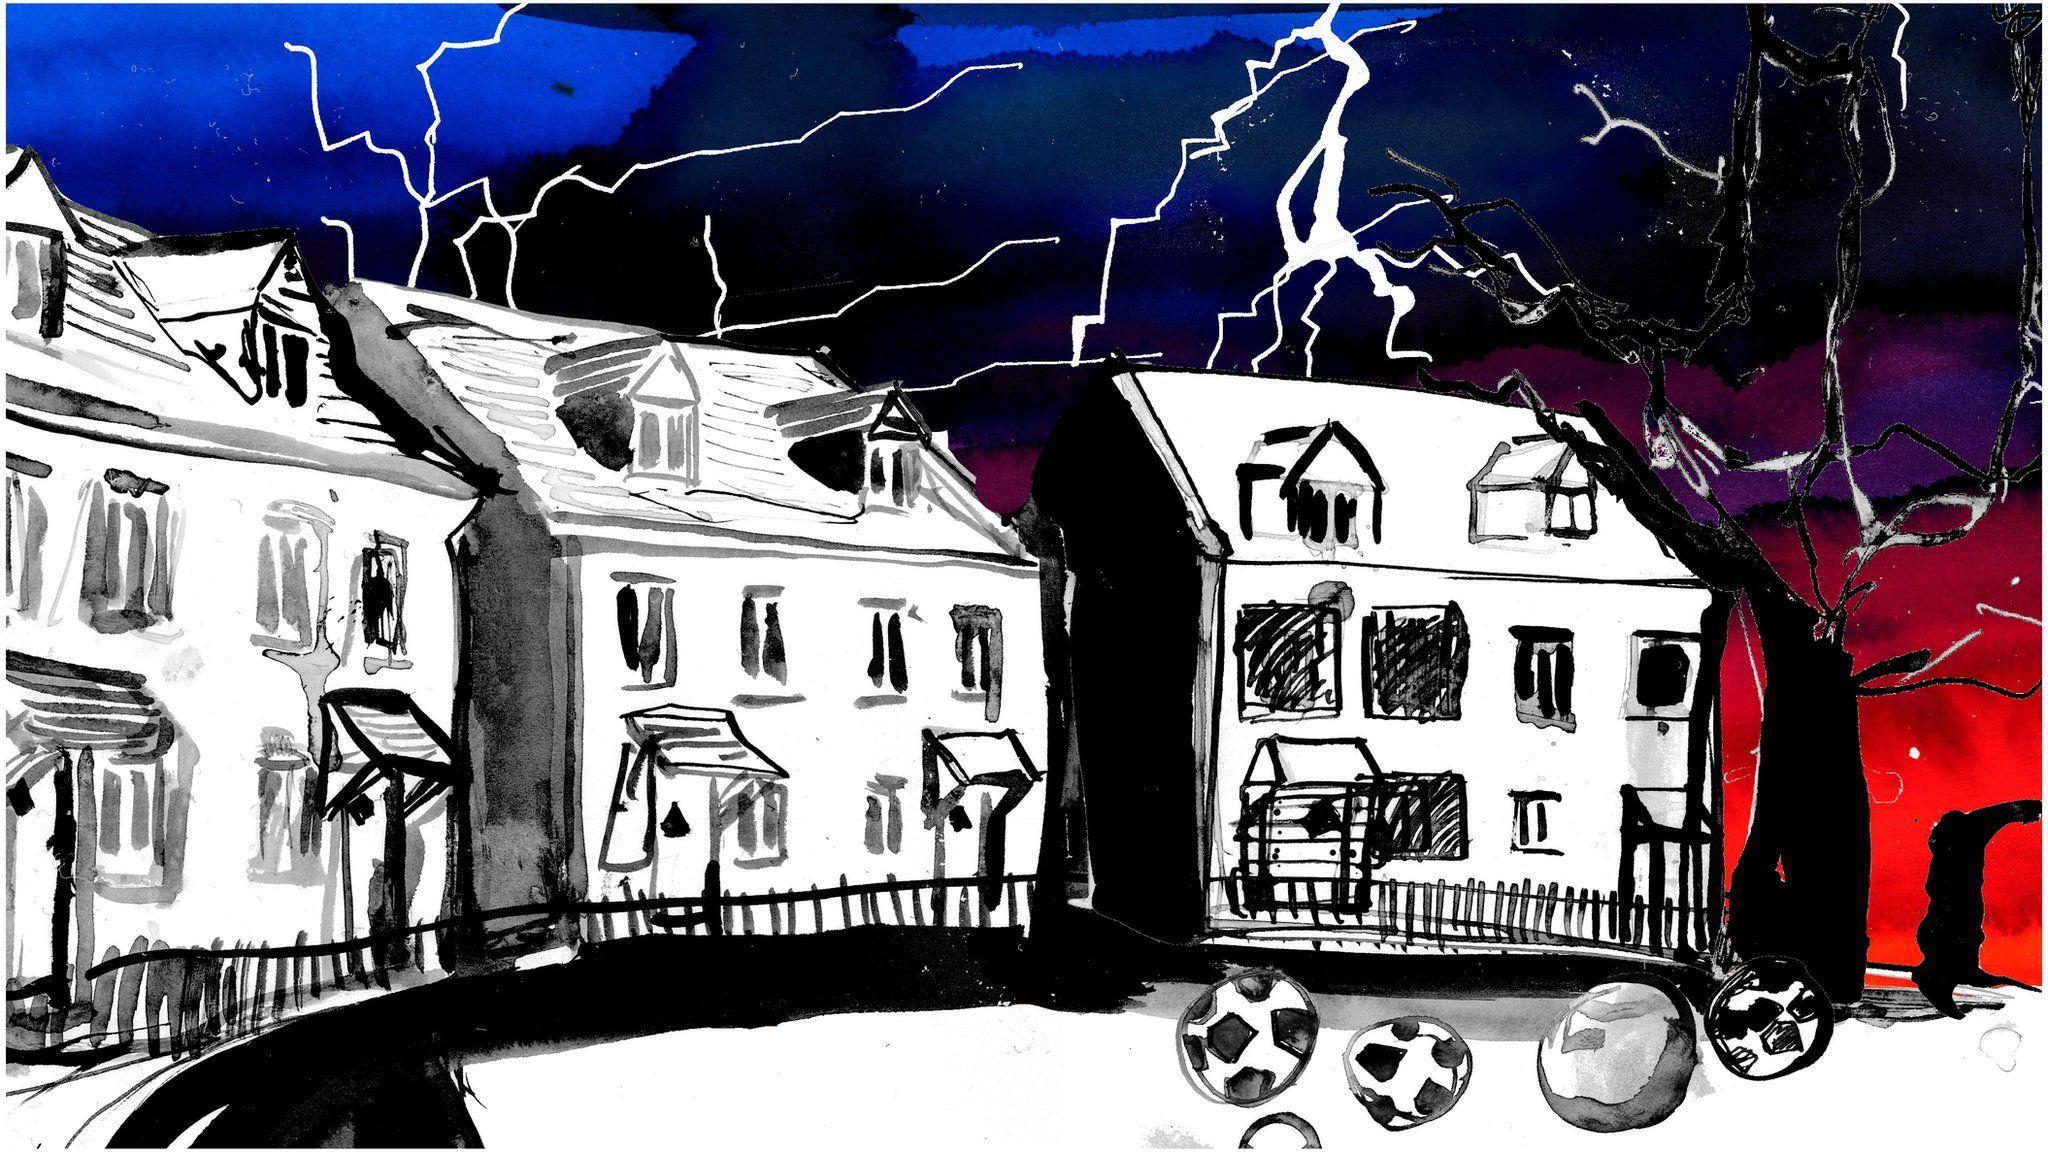 Lightning strikes the housing development